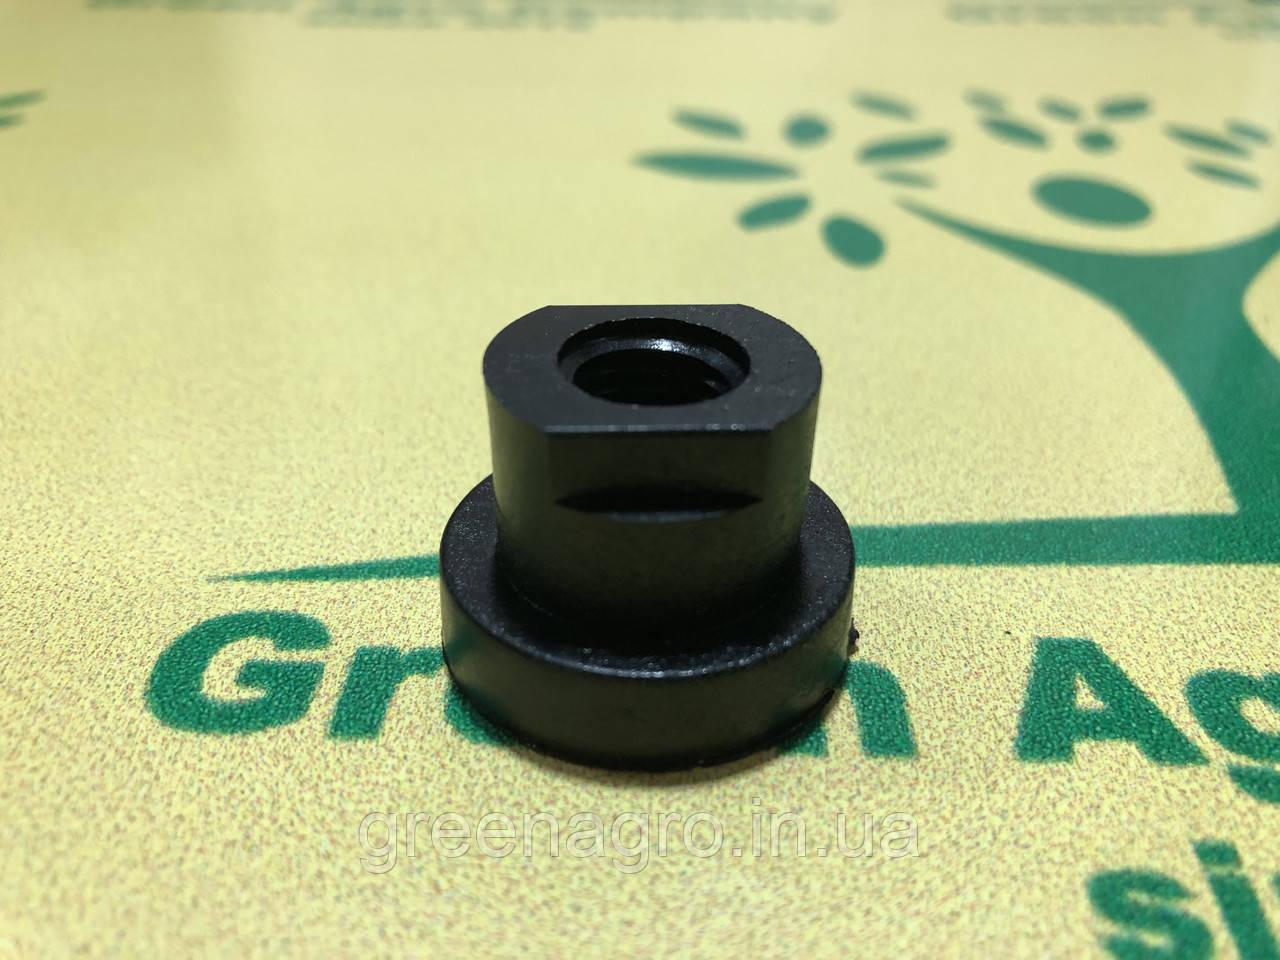 Різьба під манометр розподільника (регулятор тиску) довгий склянку на обприскувач.